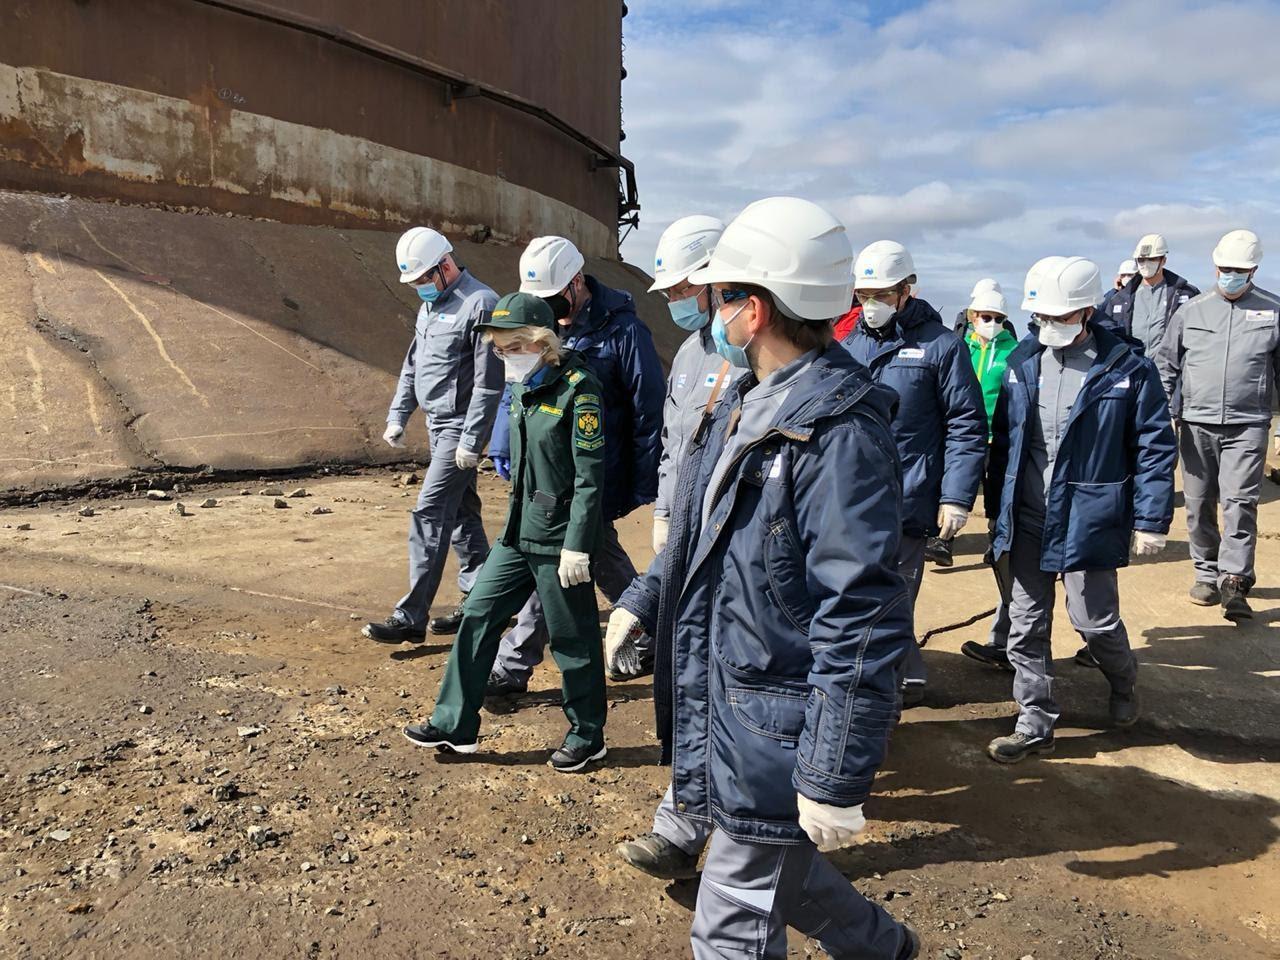 Светлана Радионова: Росприроднадзор будет работать в Норильске до полного восстановления экологической ситуации